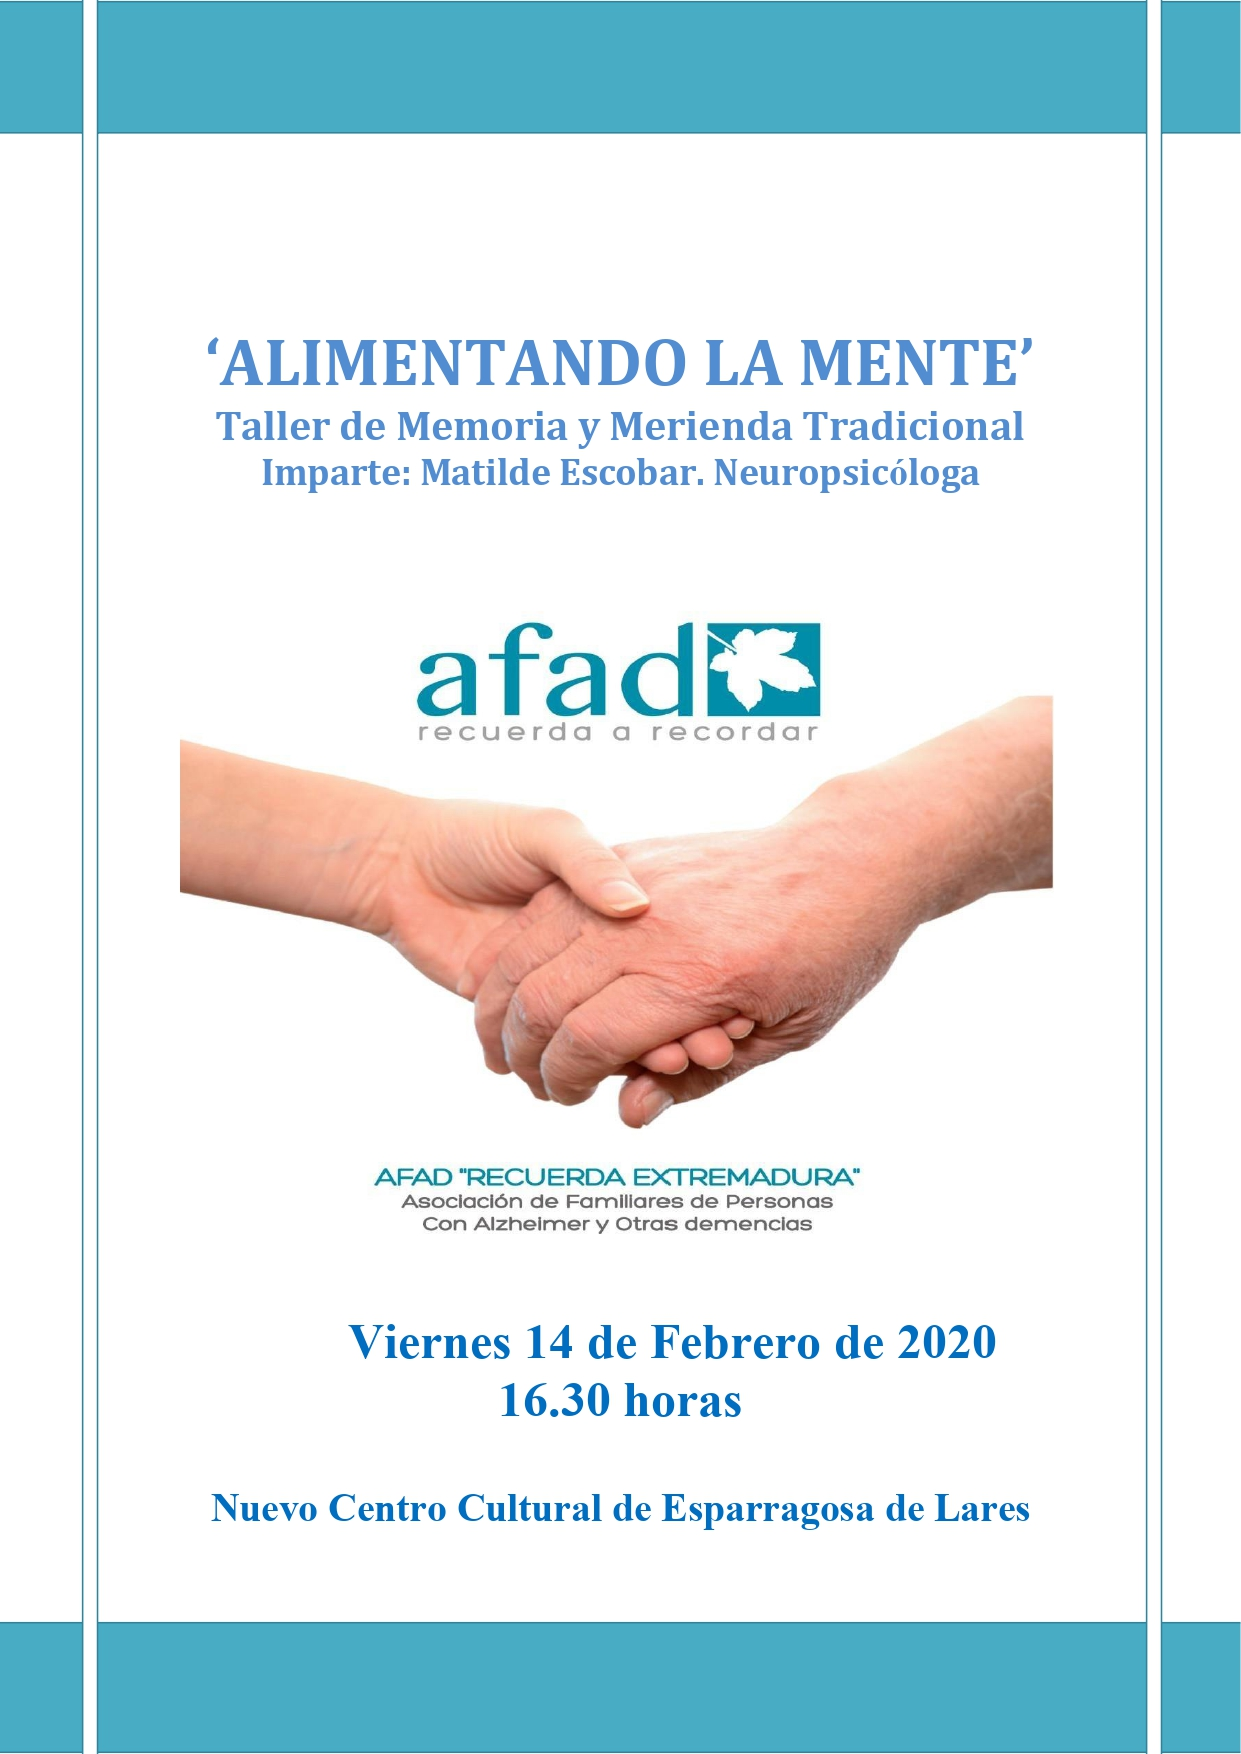 Taller de alimentando la mente 2020 - Esparragosa de Lares (Badajoz)